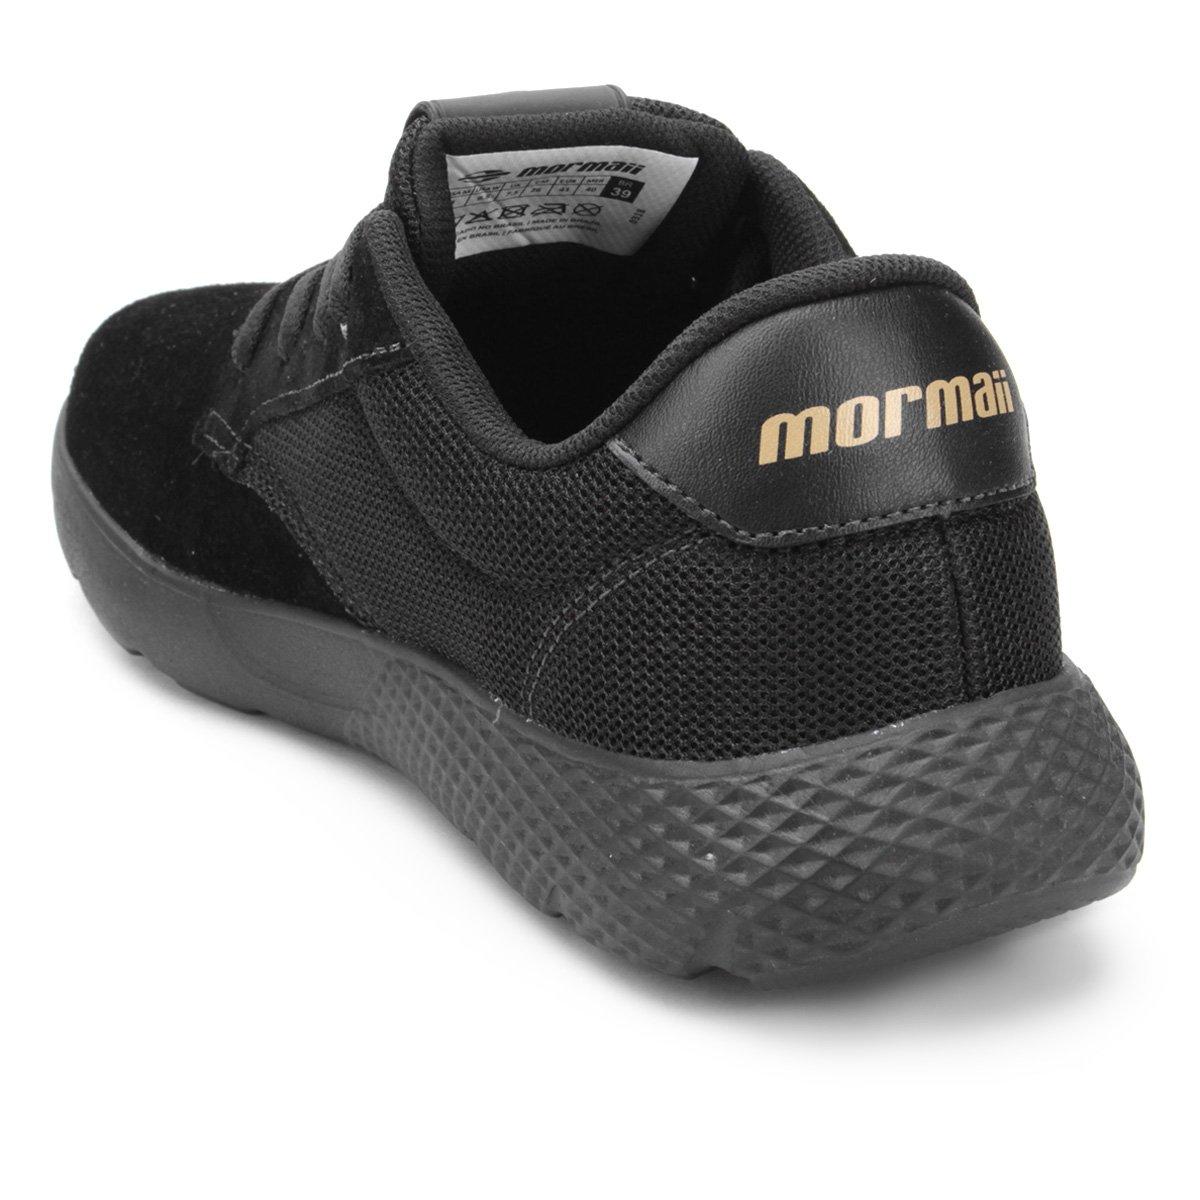 42de8d59d30e4 Tênis Mormaii Light Masculino - Preto e Cinza - Compre Agora   Netshoes